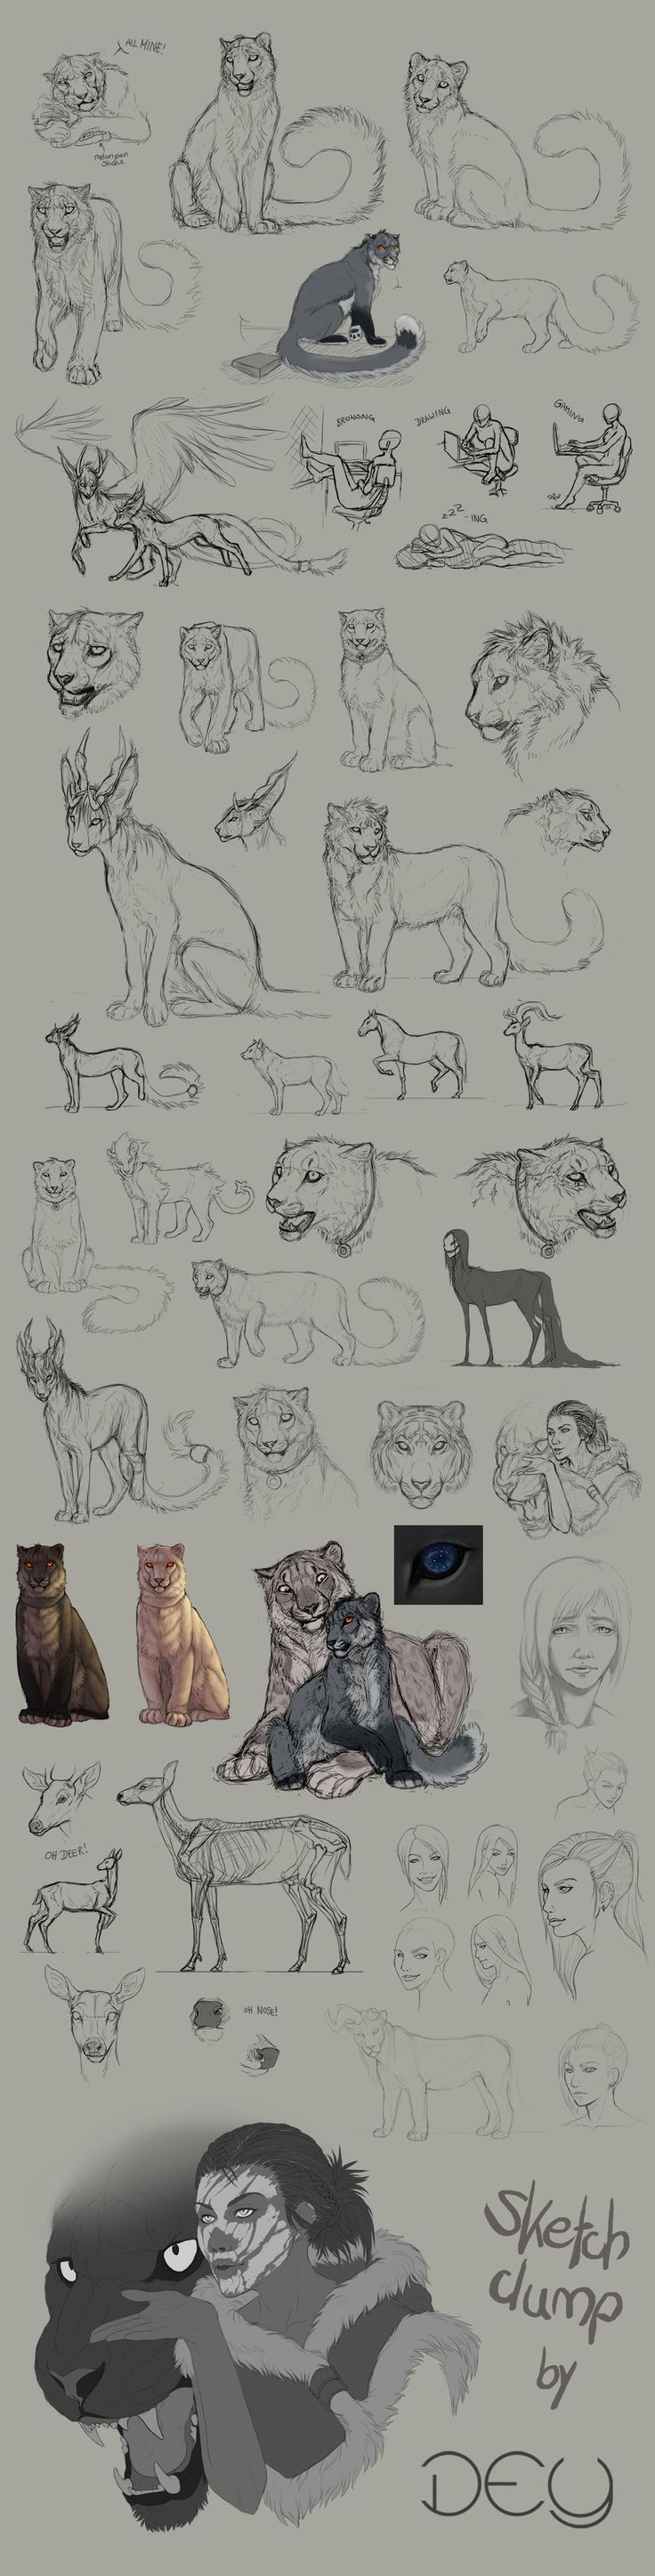 Tumblr Sketchdump #4 by DeyVarah.deviantart.com on @DeviantArt